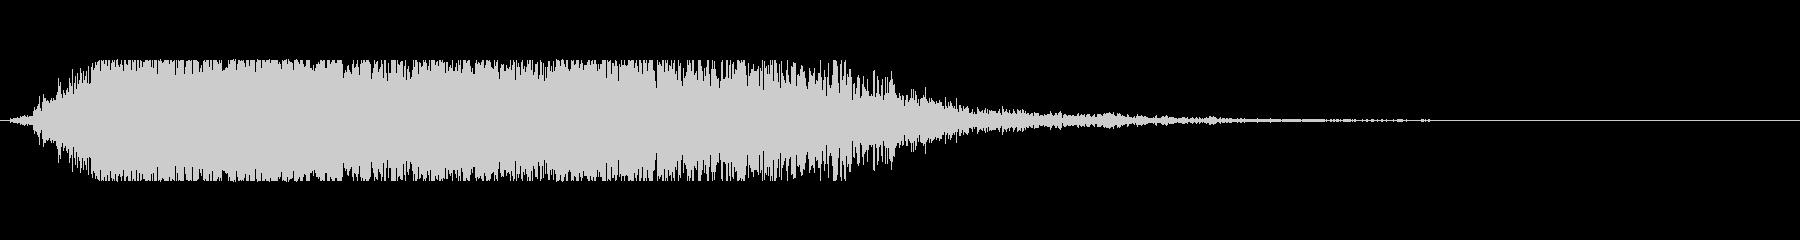 ギャオー(怪獣系の鳴き声)の未再生の波形